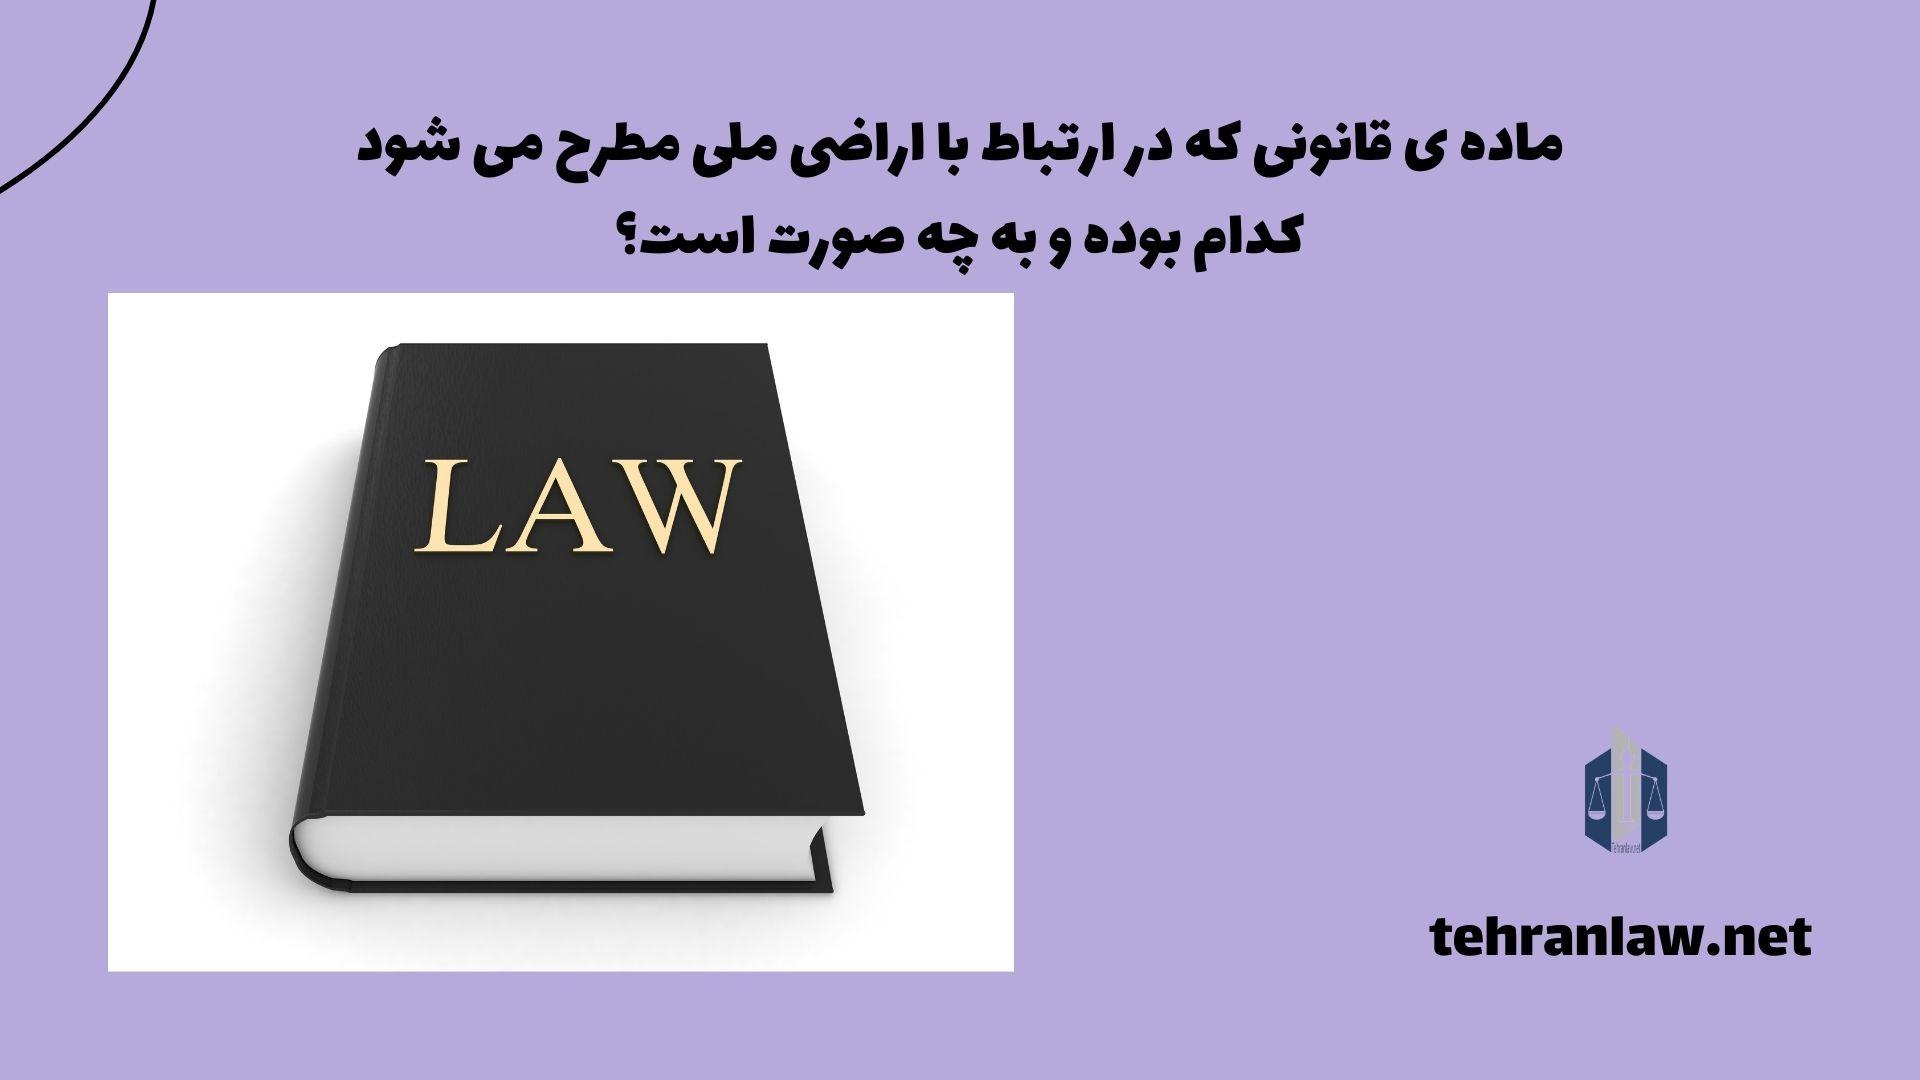 ماده ی قانونی که در ارتباط با اراضی ملی مطرح می شود، کدام بوده و به چه صورت است؟